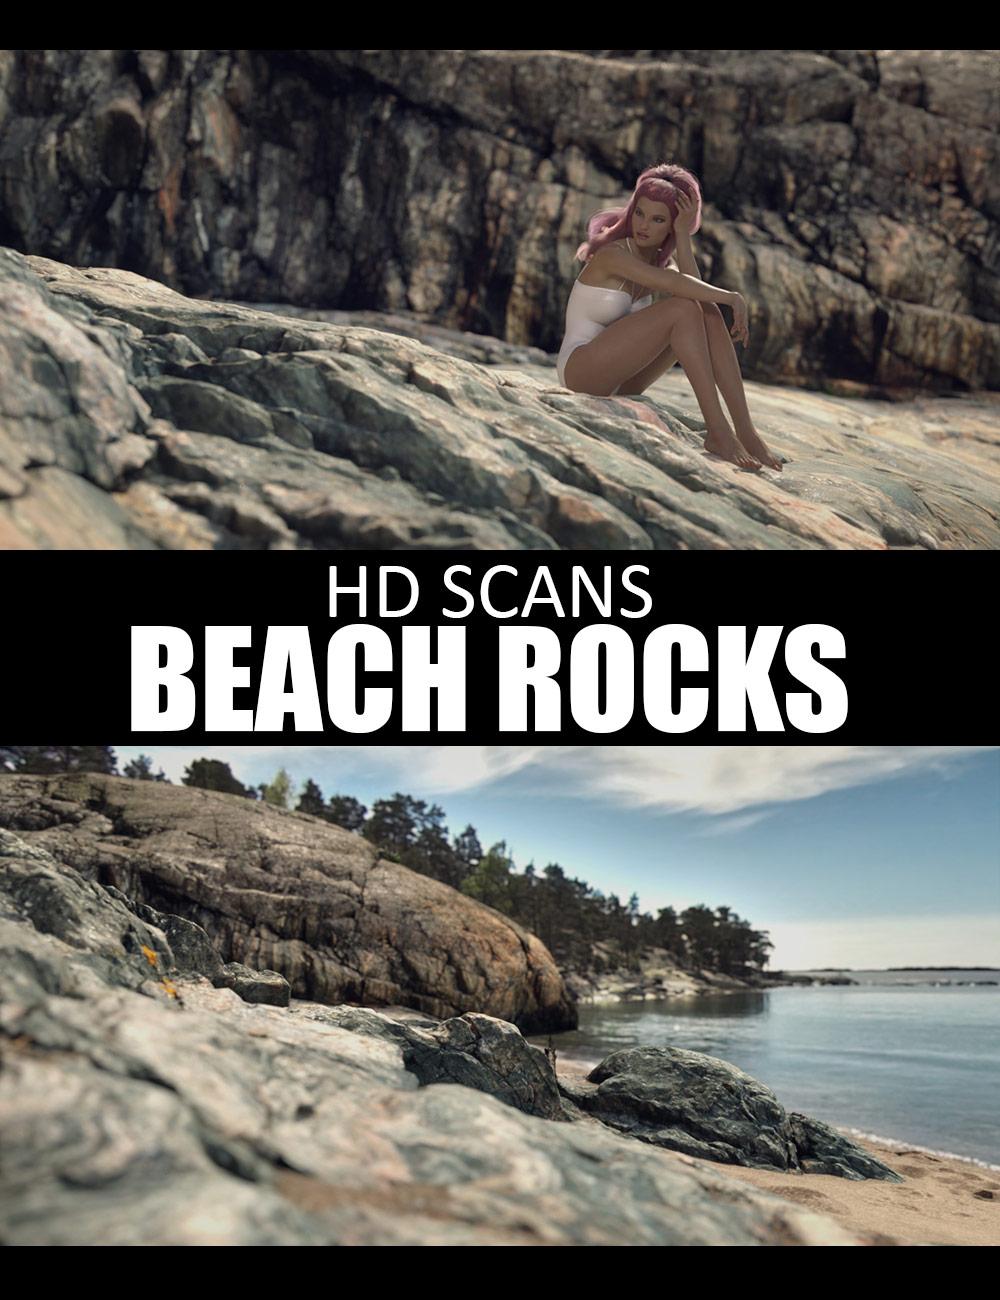 HD Scans Beach Rocks by: Dreamlight, 3D Models by Daz 3D